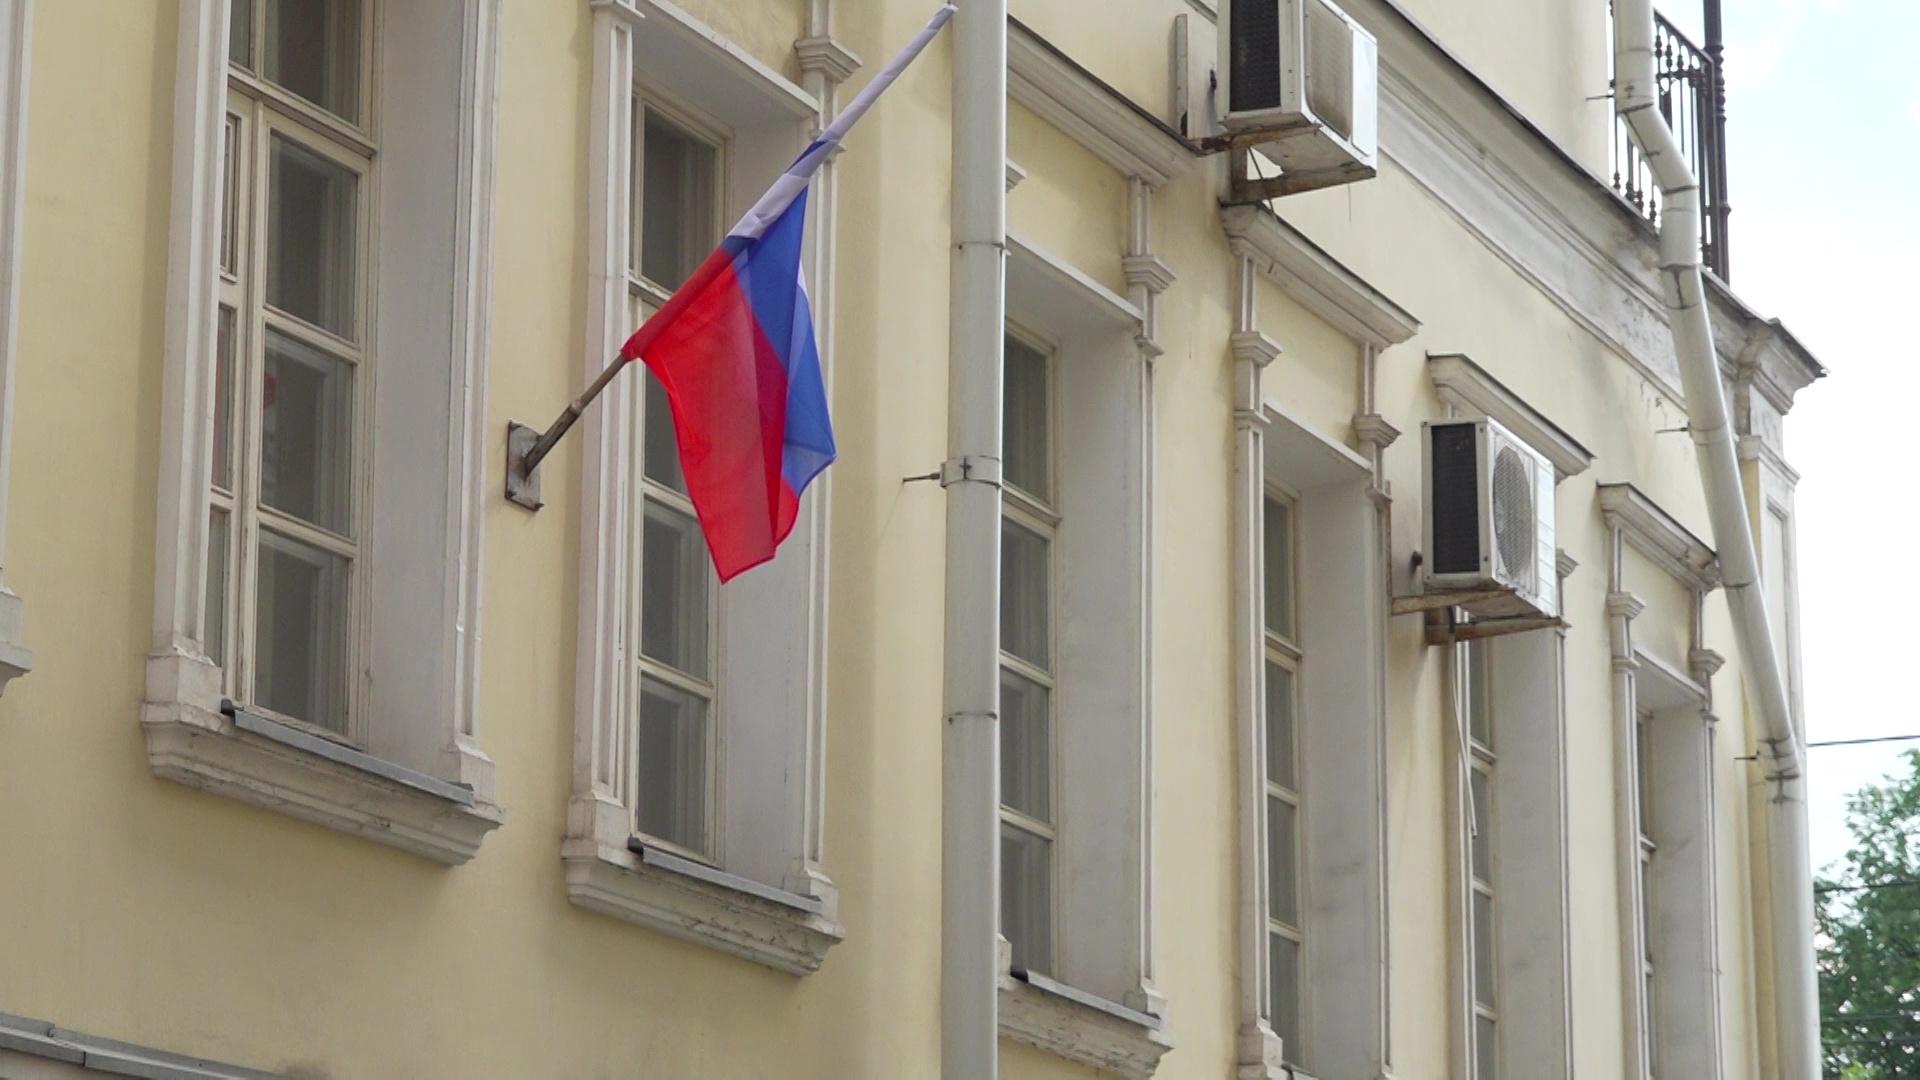 Ярославцу грозит колония особого режима за попытку убийства приятеля